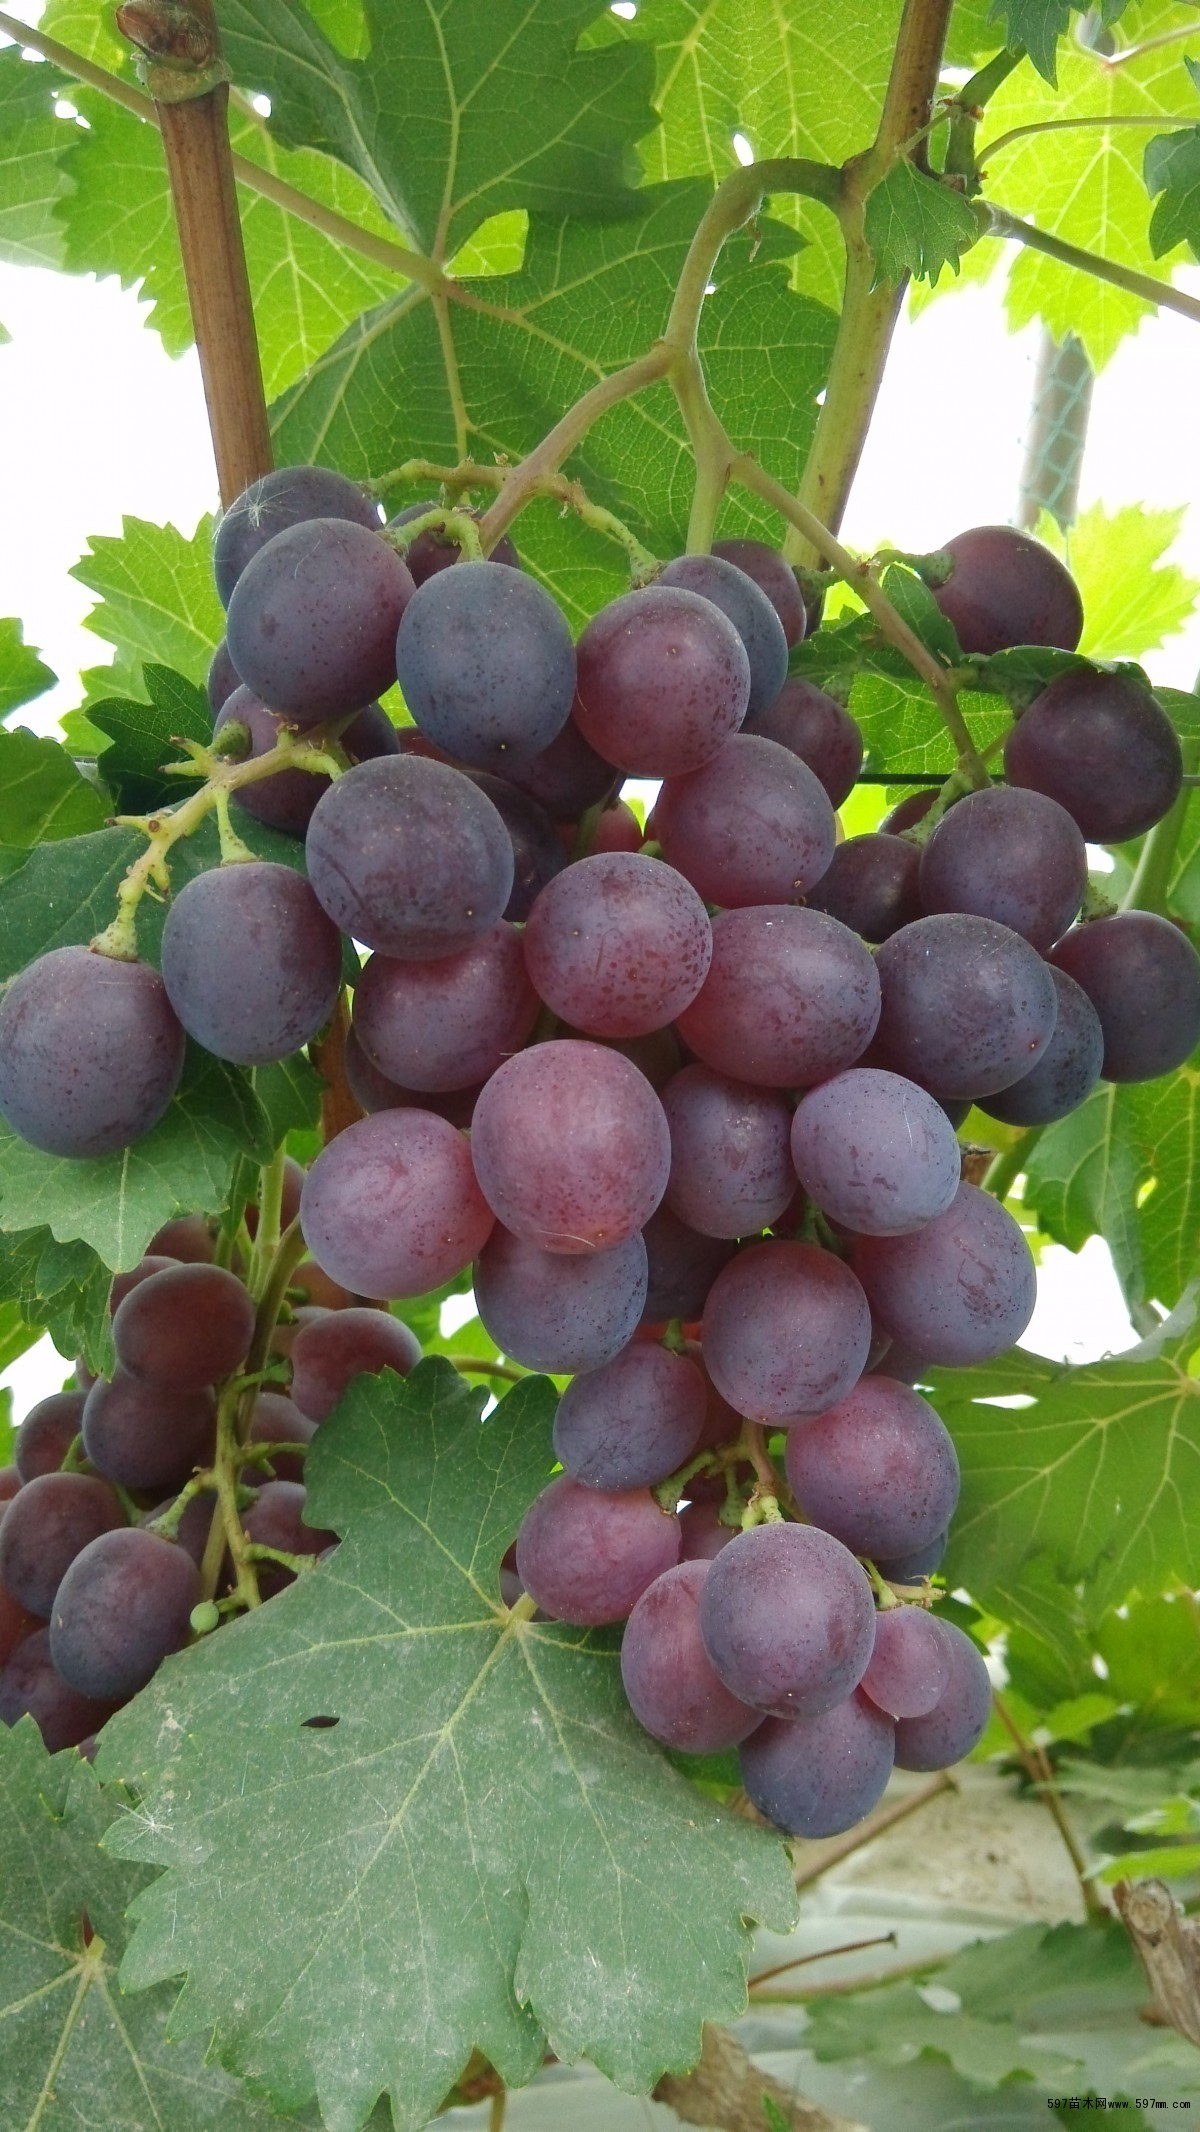 早熟葡萄品种有哪些适合大棚种植的早熟葡萄品种有